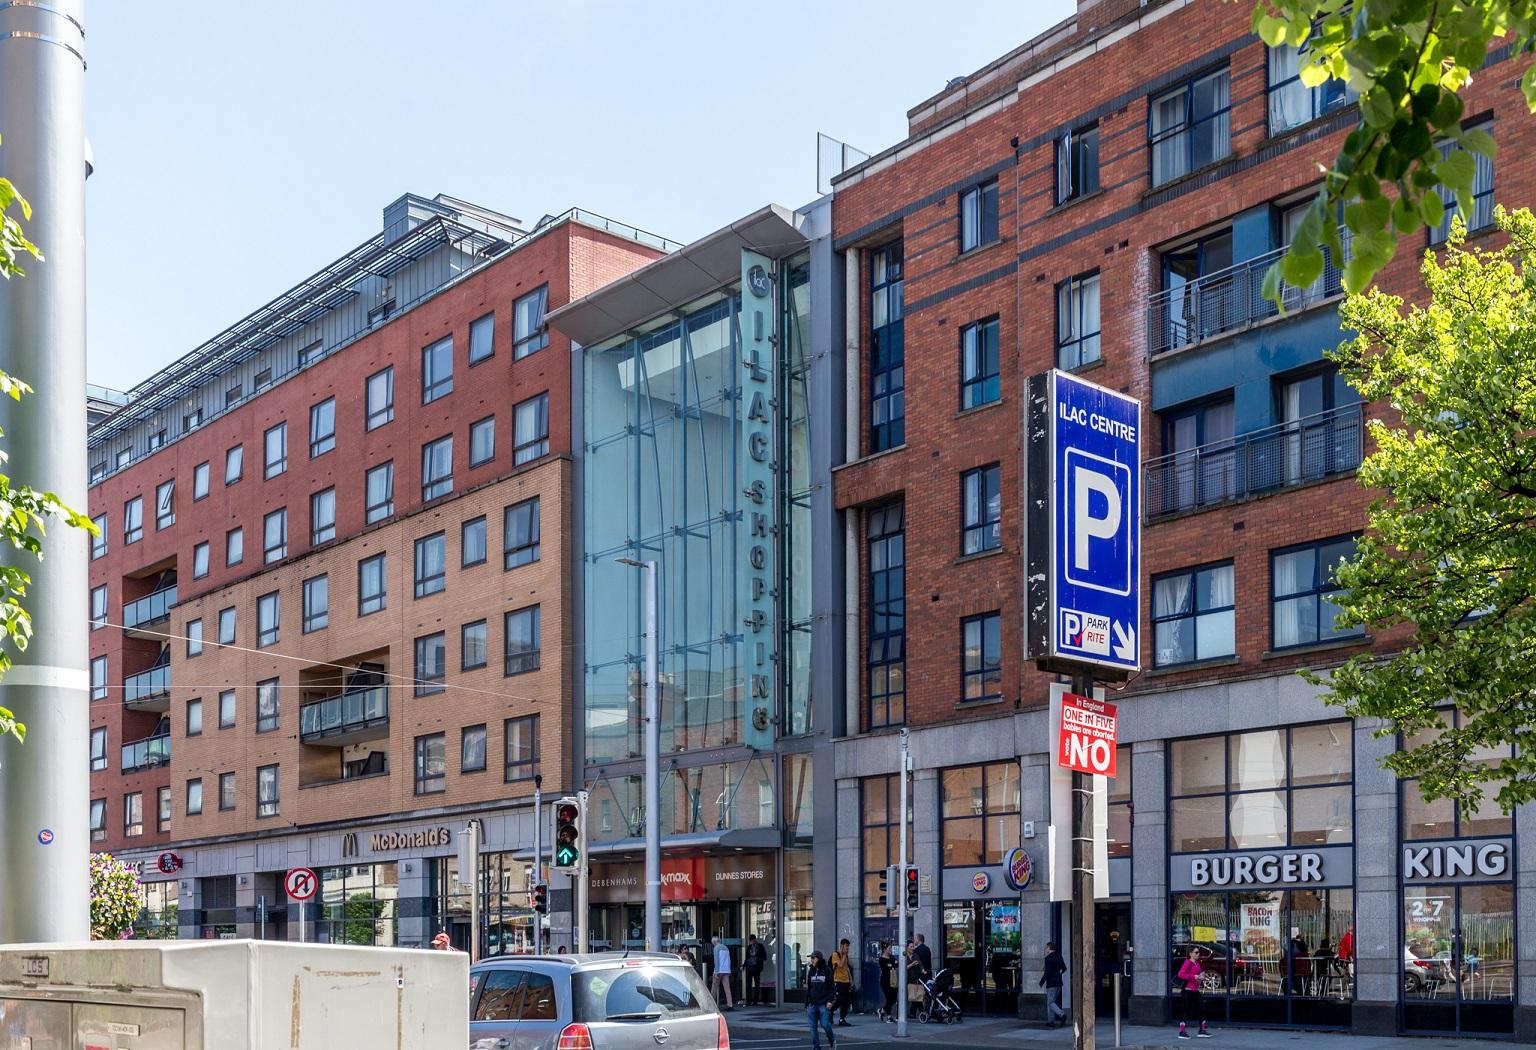 49 Greeg Court, Parnell Street, Dublin 1